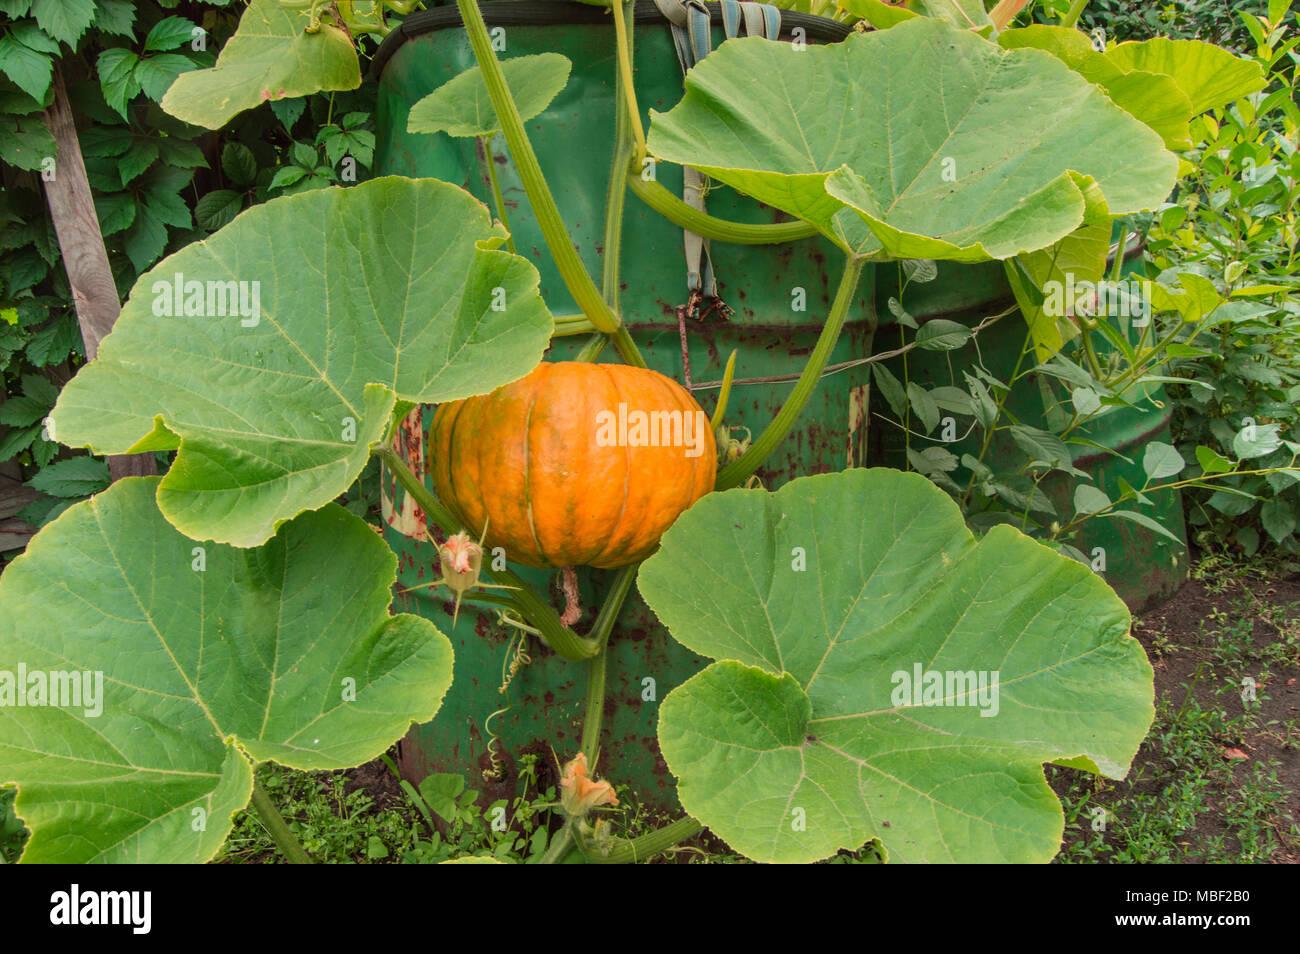 Pianta Di Zucca Di Halloween.Pianta Di Zucca Immagini Pianta Di Zucca Fotos Stock Alamy